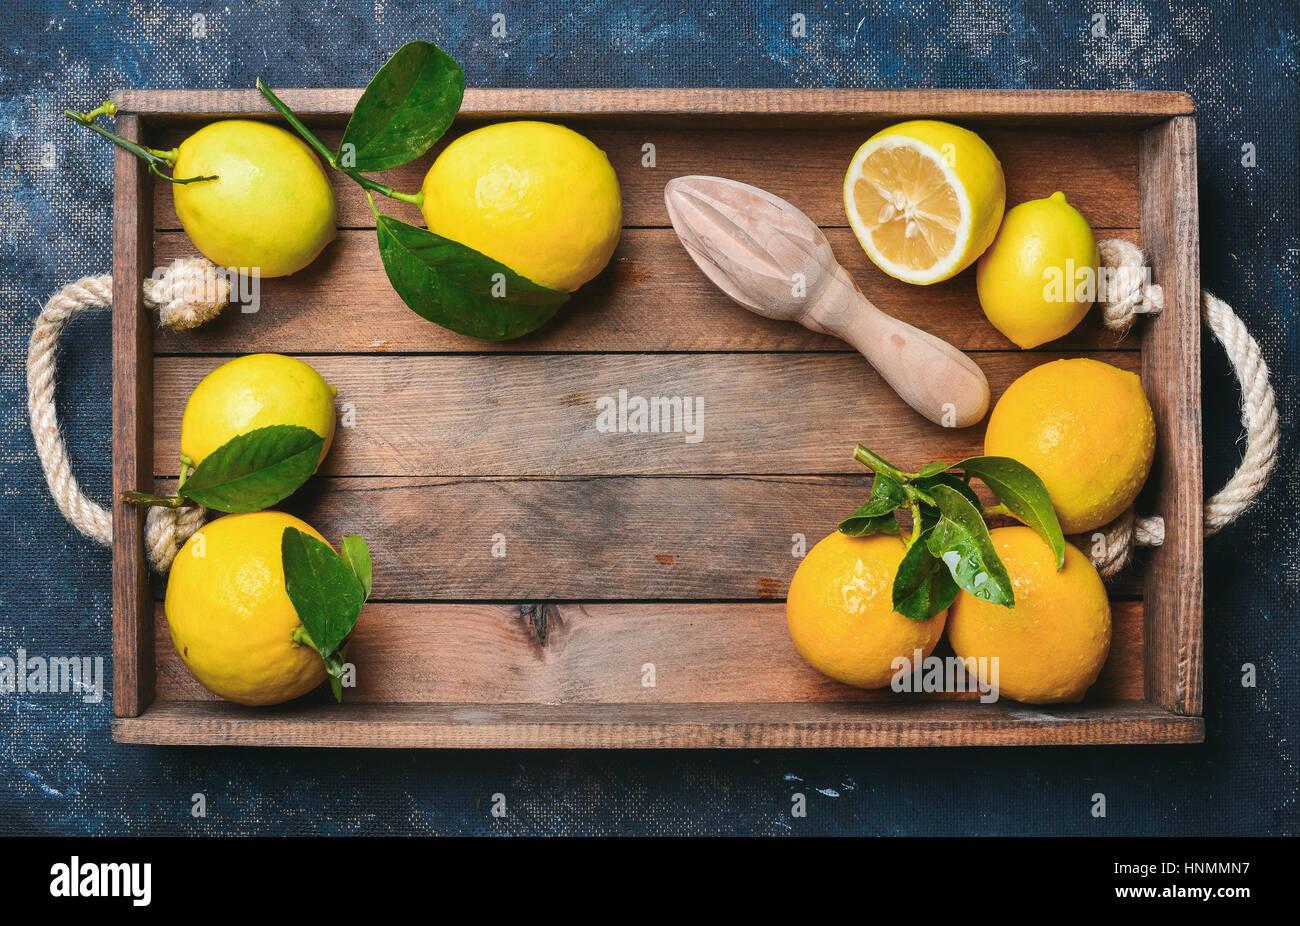 Citrons fraîchement cueillis avec des feuilles dans un coffret en bois sur bleu foncé, fond contreplaqué Photo Stock